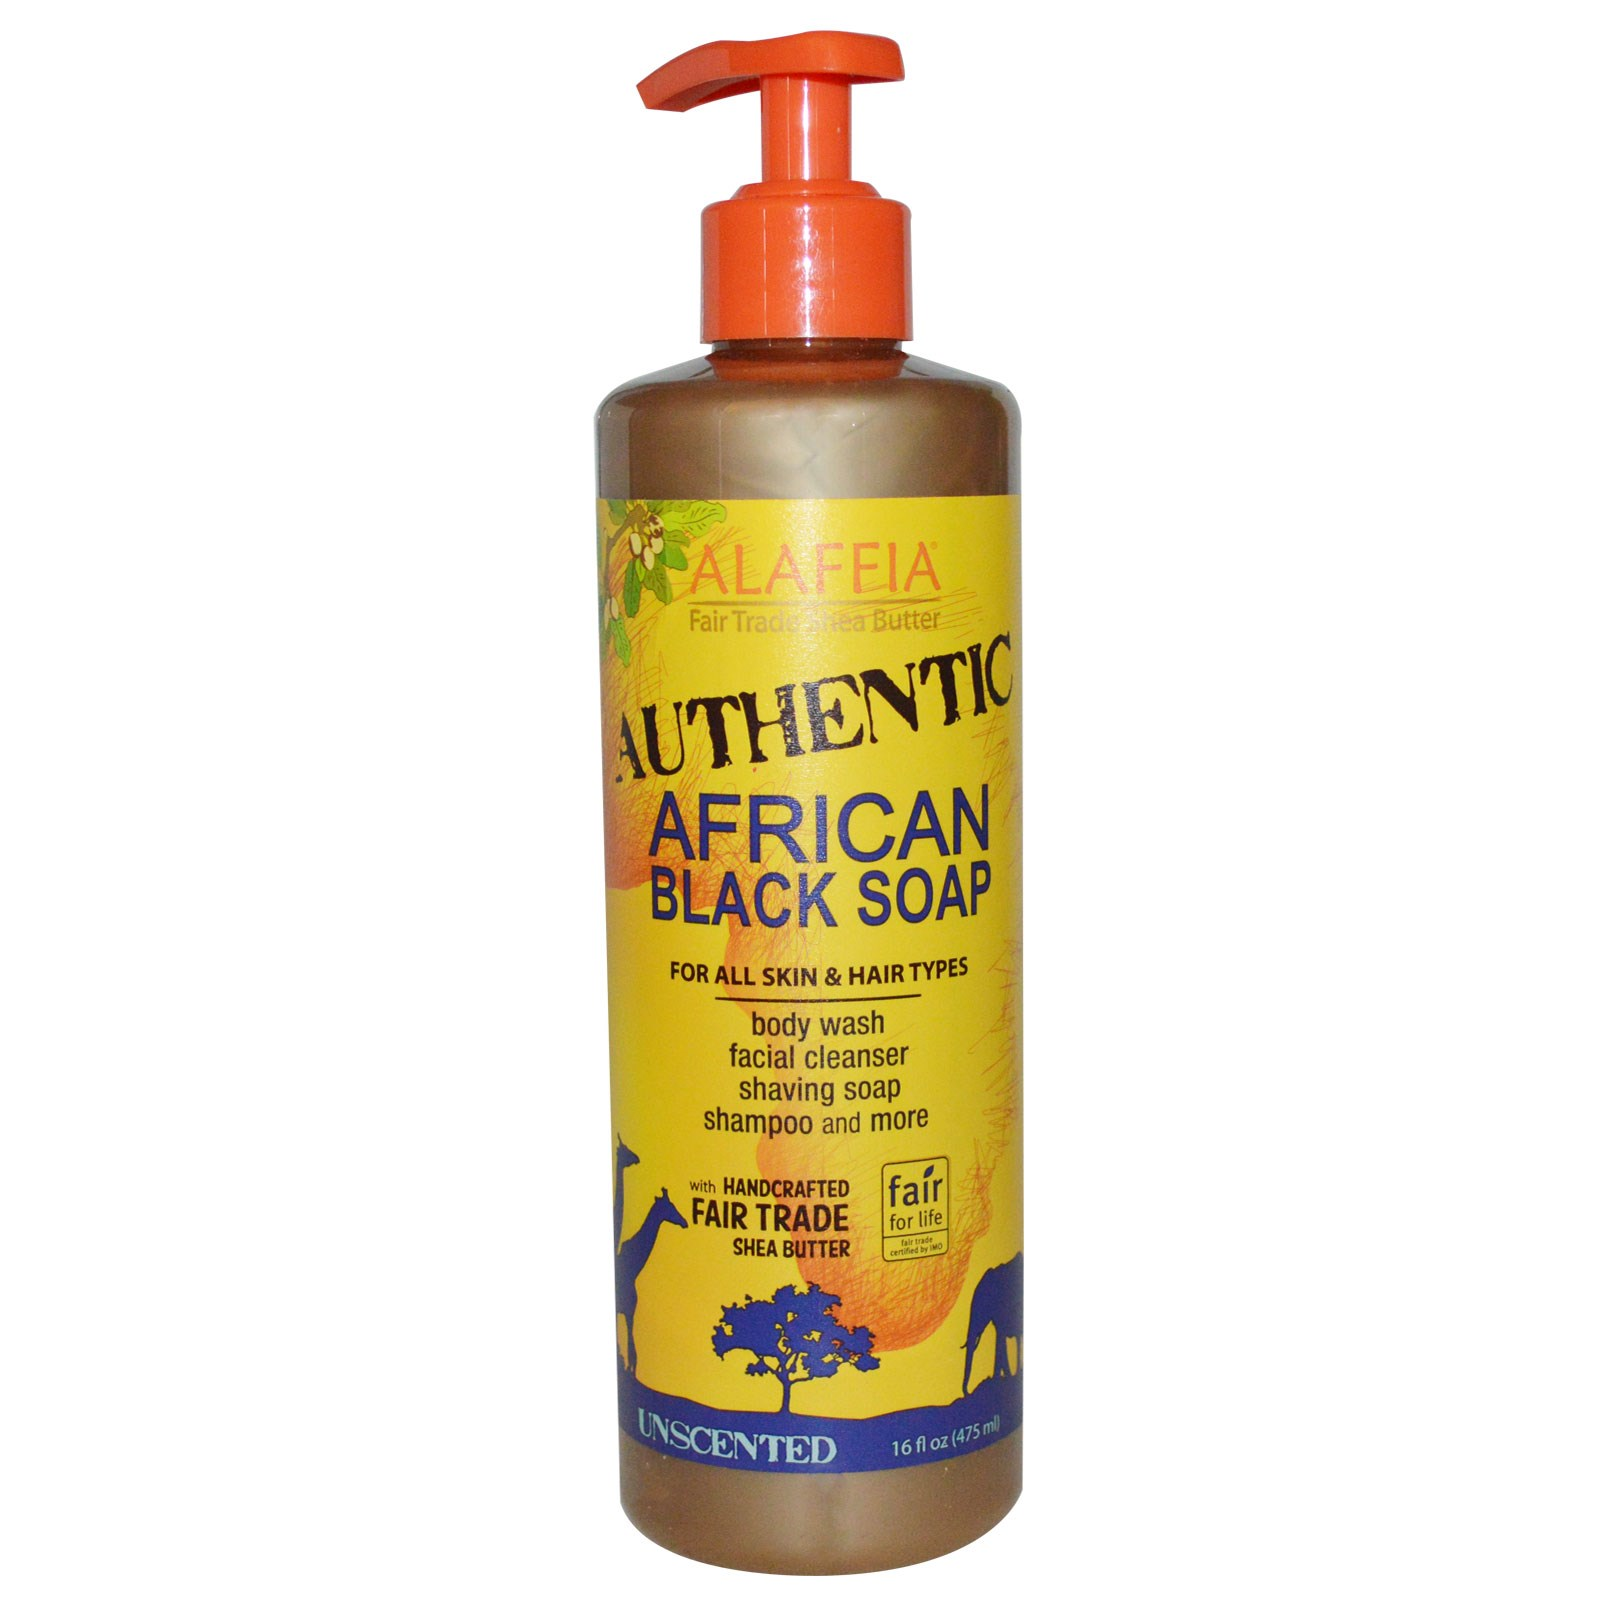 Натуральное африканское черное мыло Alaffia (475 мл)